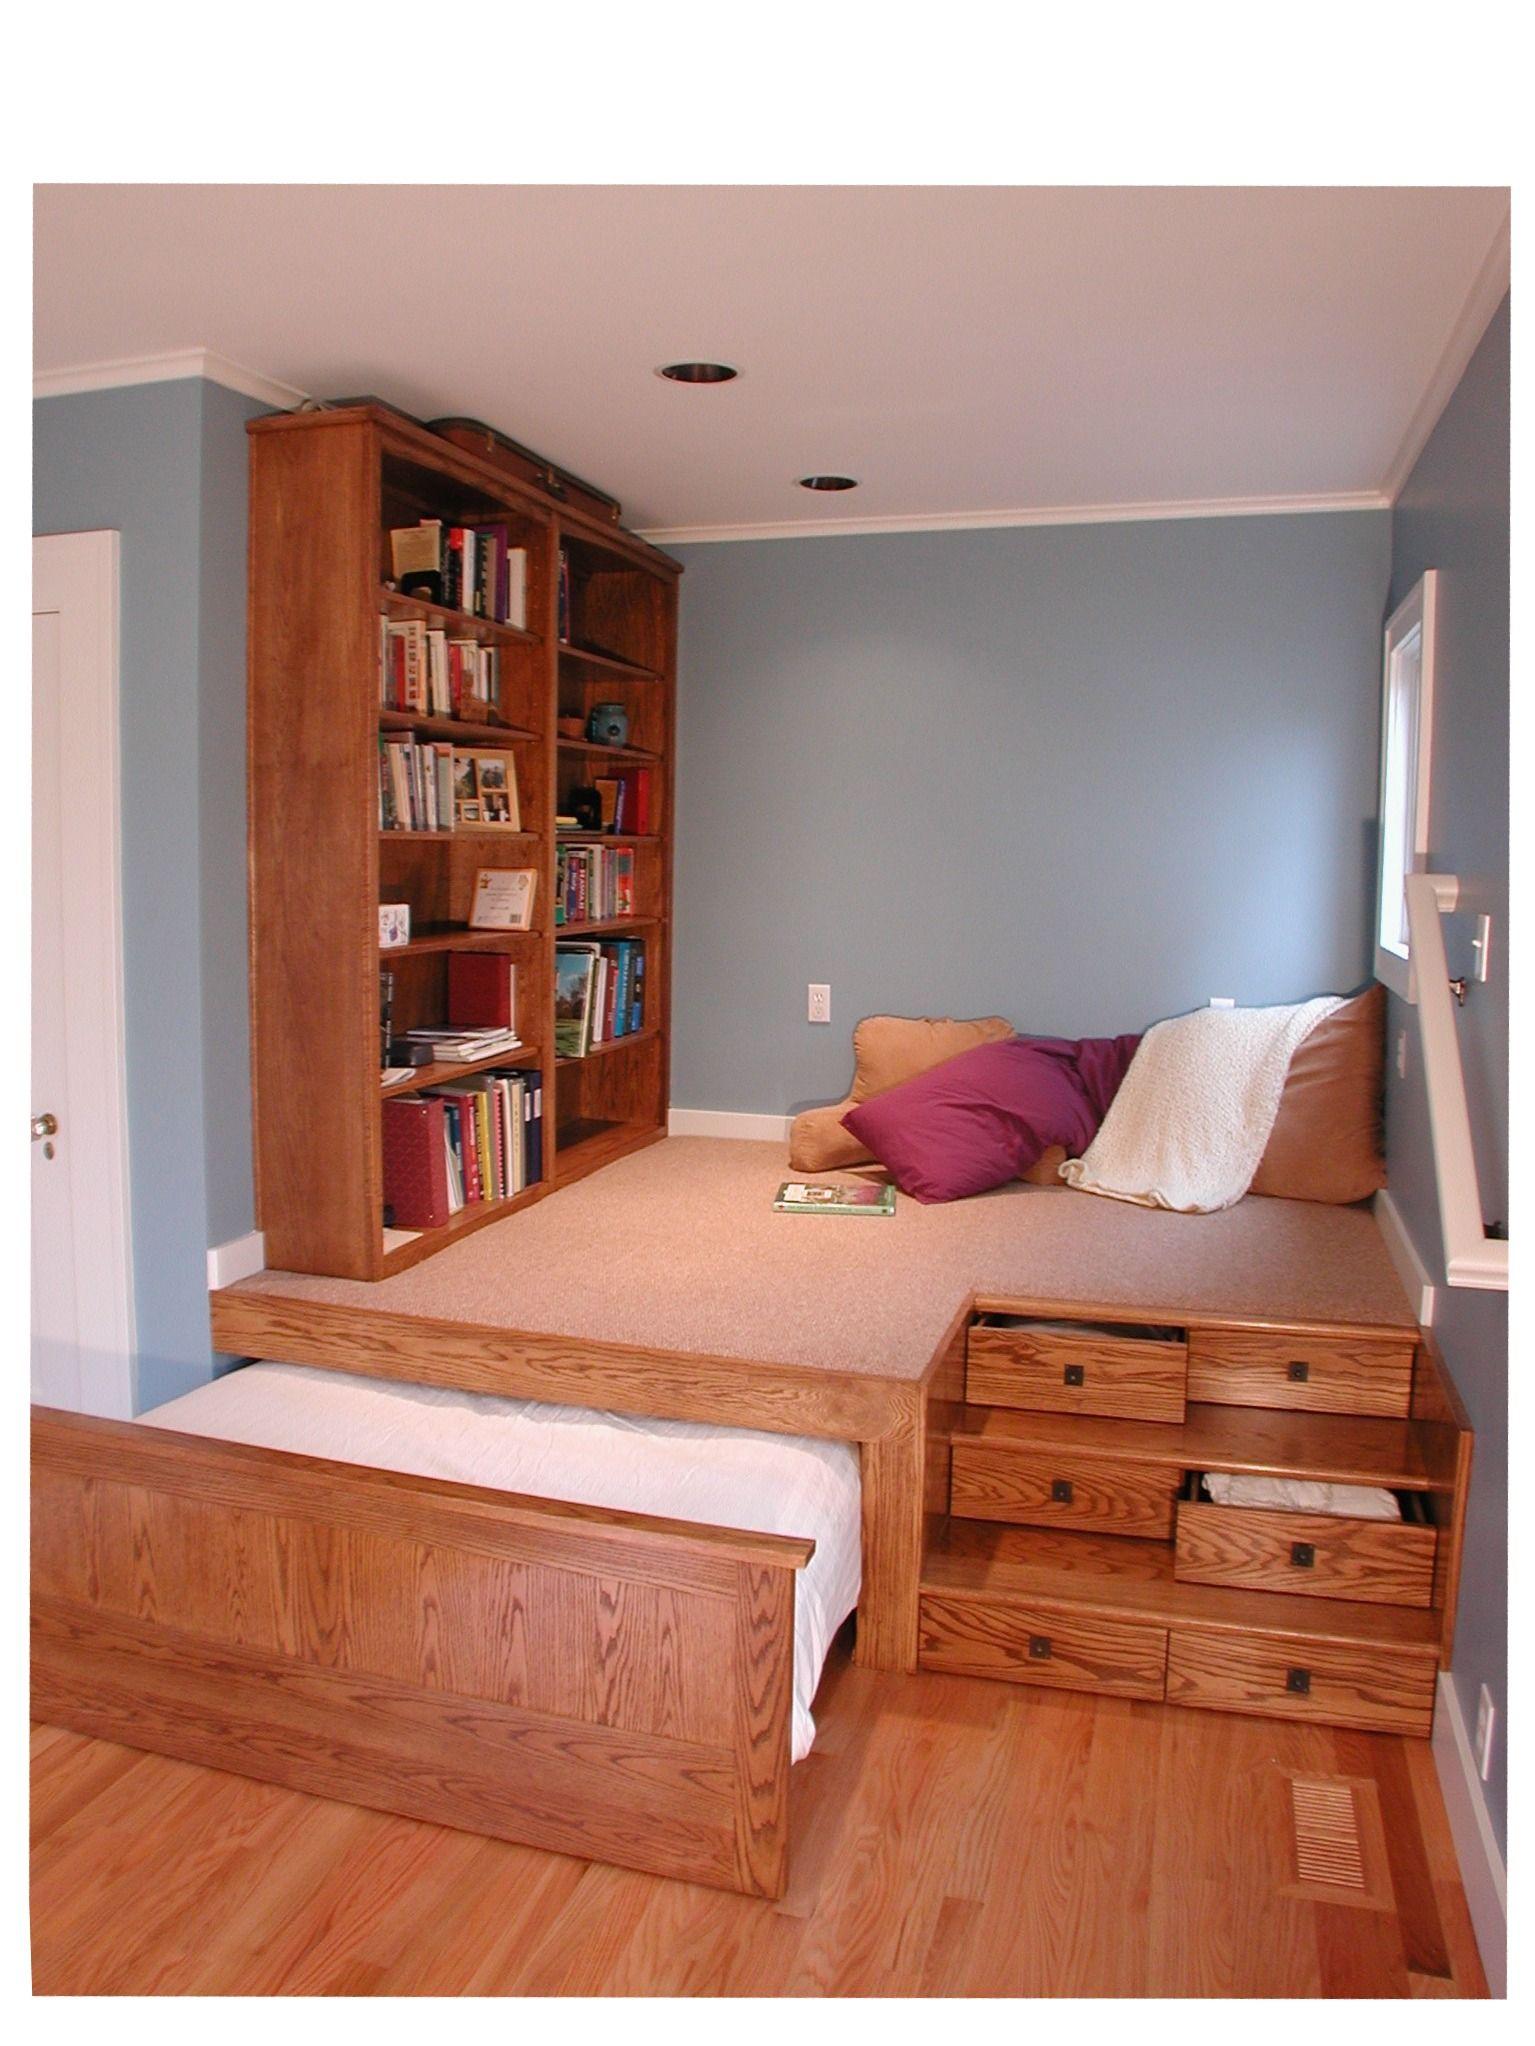 Nook built into larger room multilevel platform pullout trundle bed